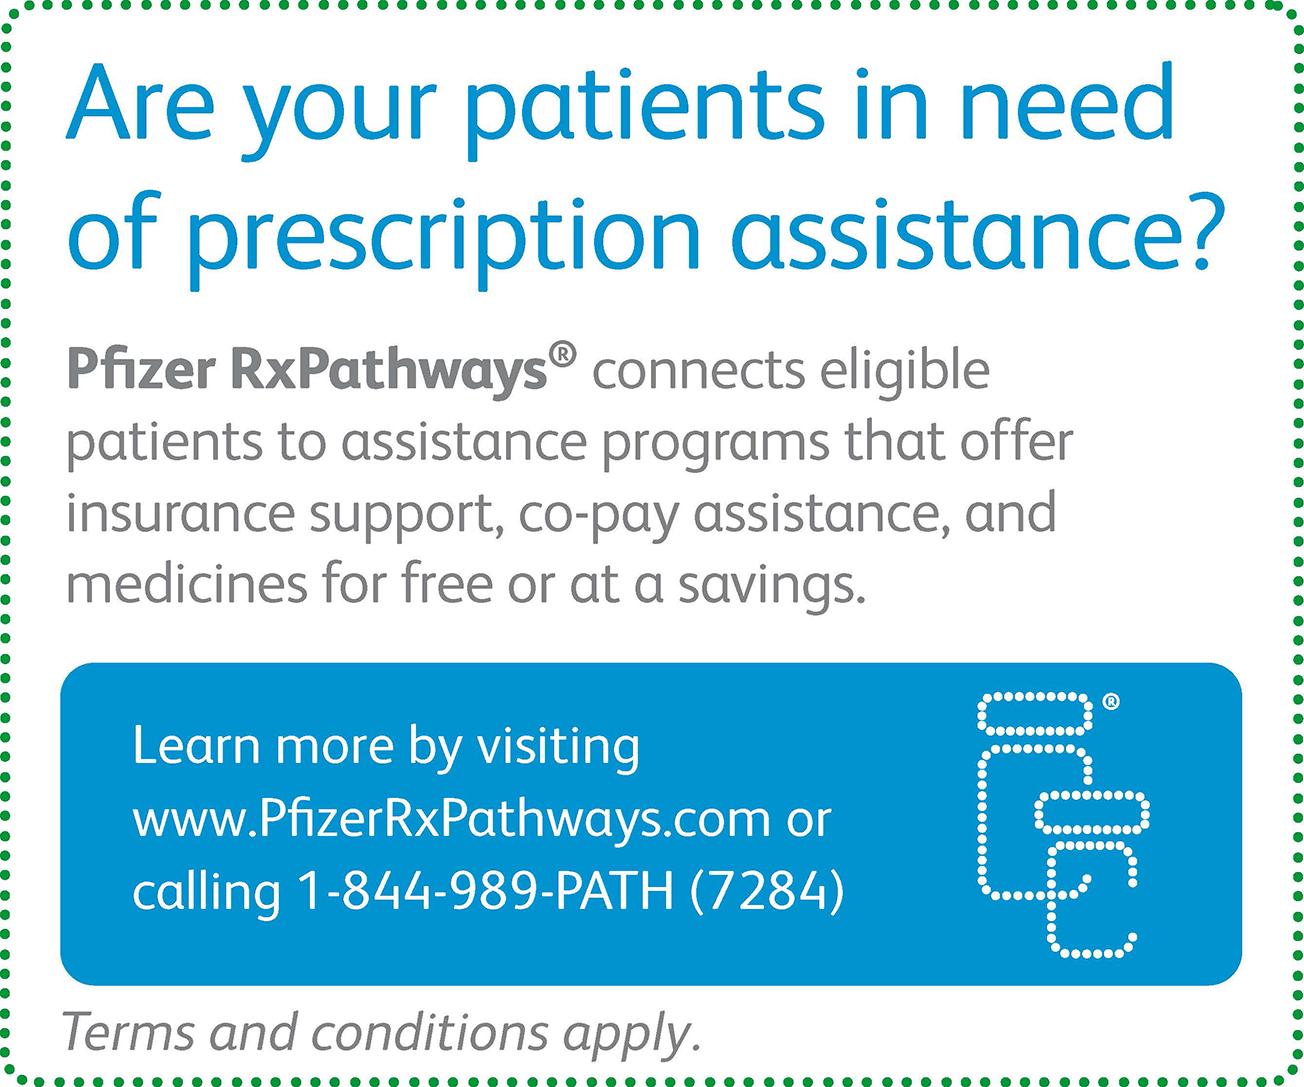 PfizerRxPath.com